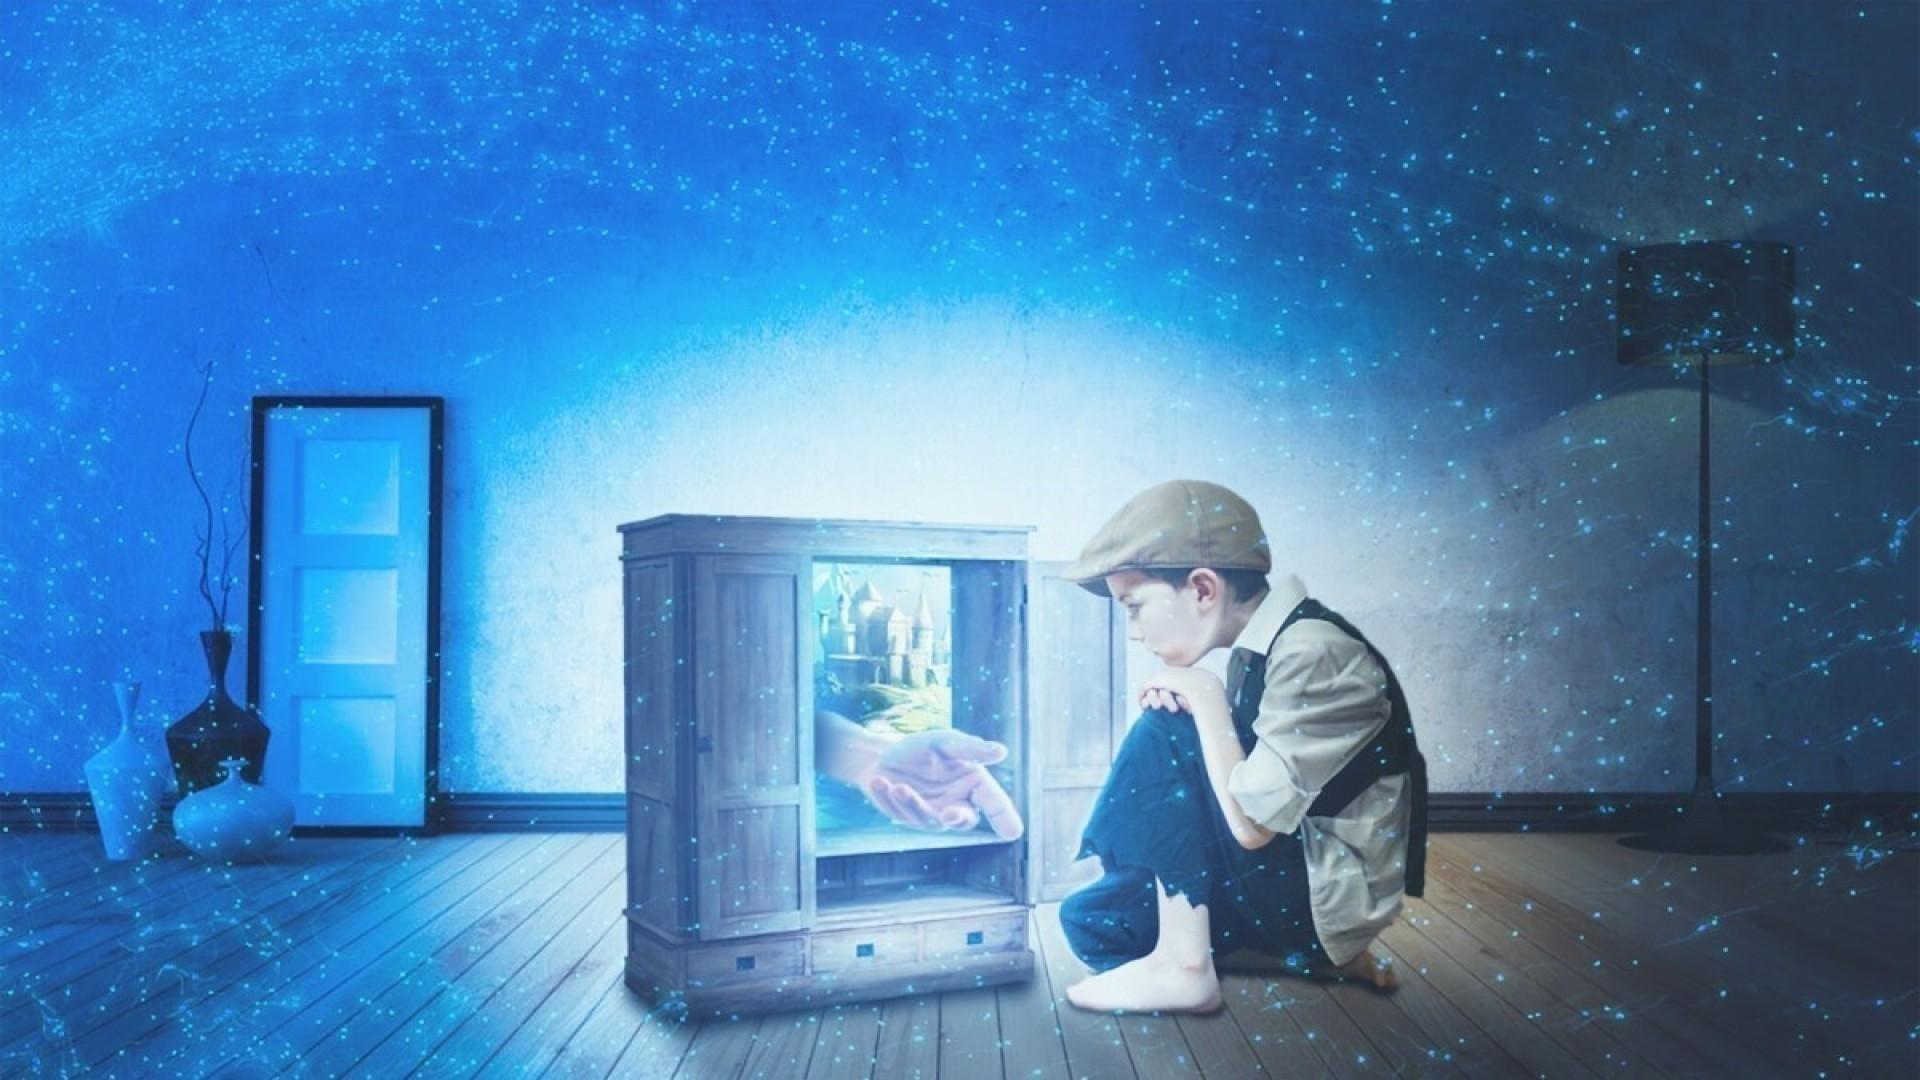 Сказкотерапия: адаптация к детскому саду